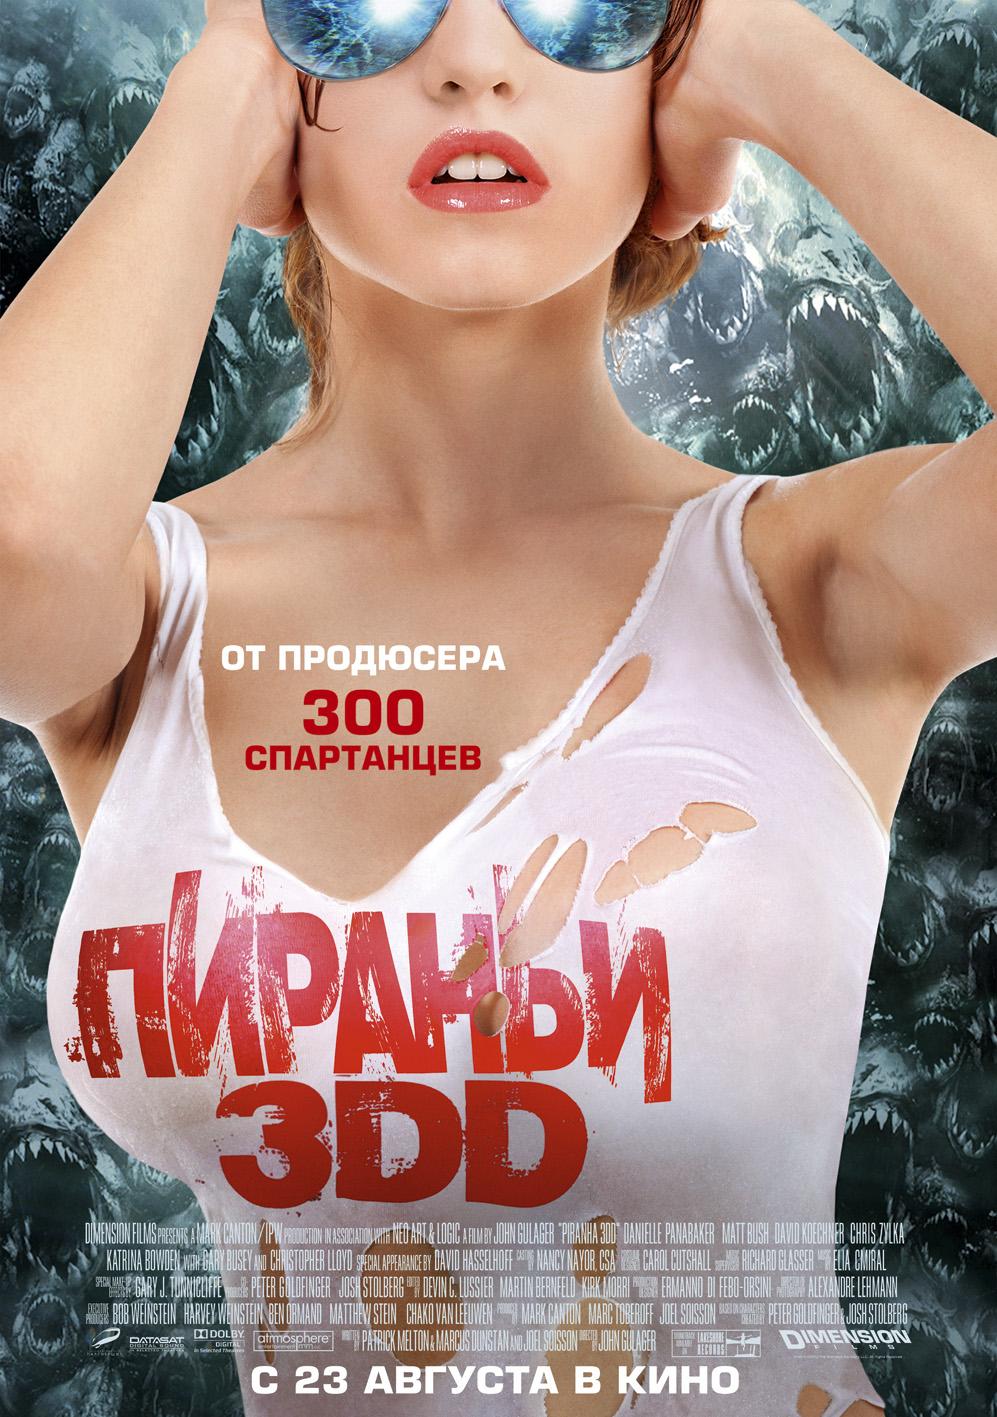 Смотреть онлайн Пираньи 3DD